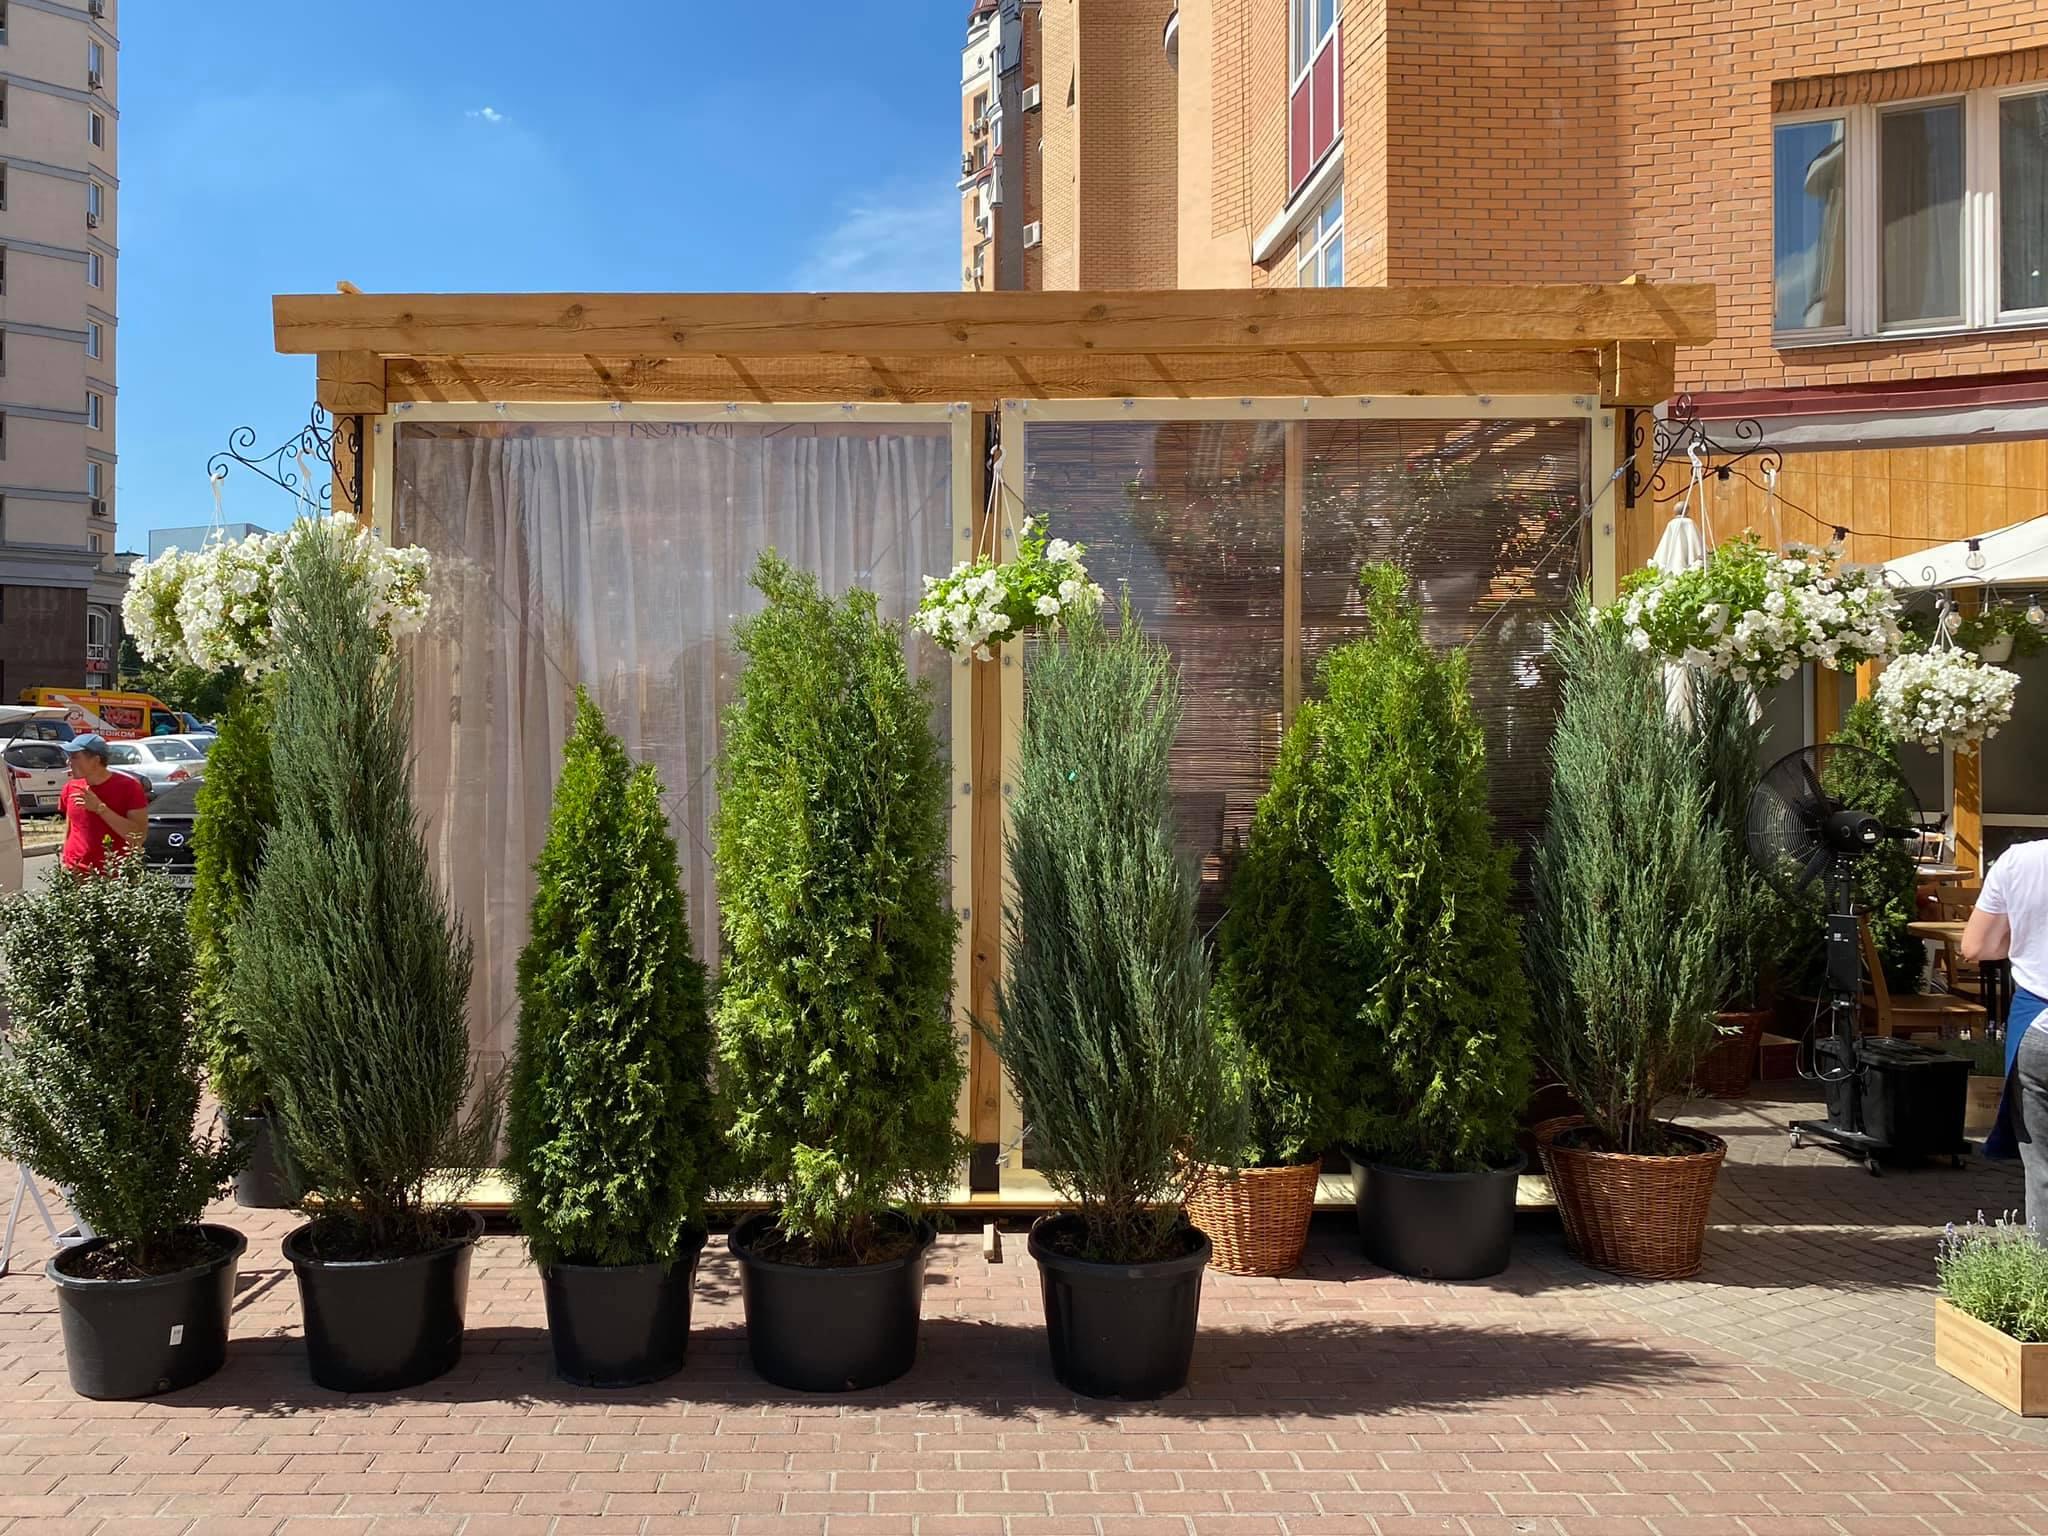 Шторы из ПВХ на деревянную летнюю площадку ресторана Ristorante 8/8 (Парк Наталка, Оболонь, Киев)